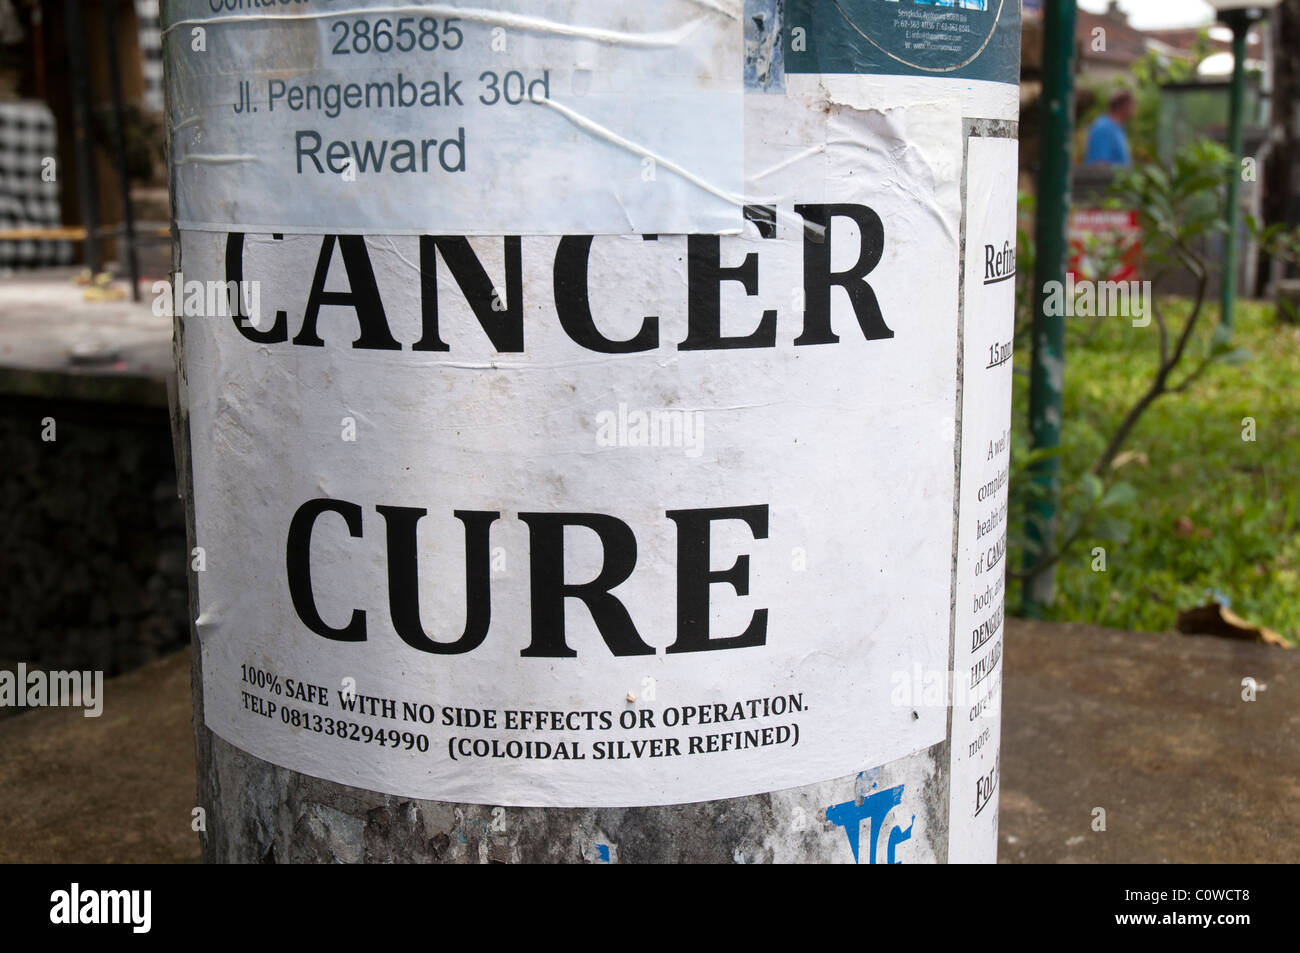 Plakat für eine Heilung von Krebs in Bali, Indonesien Stockbild